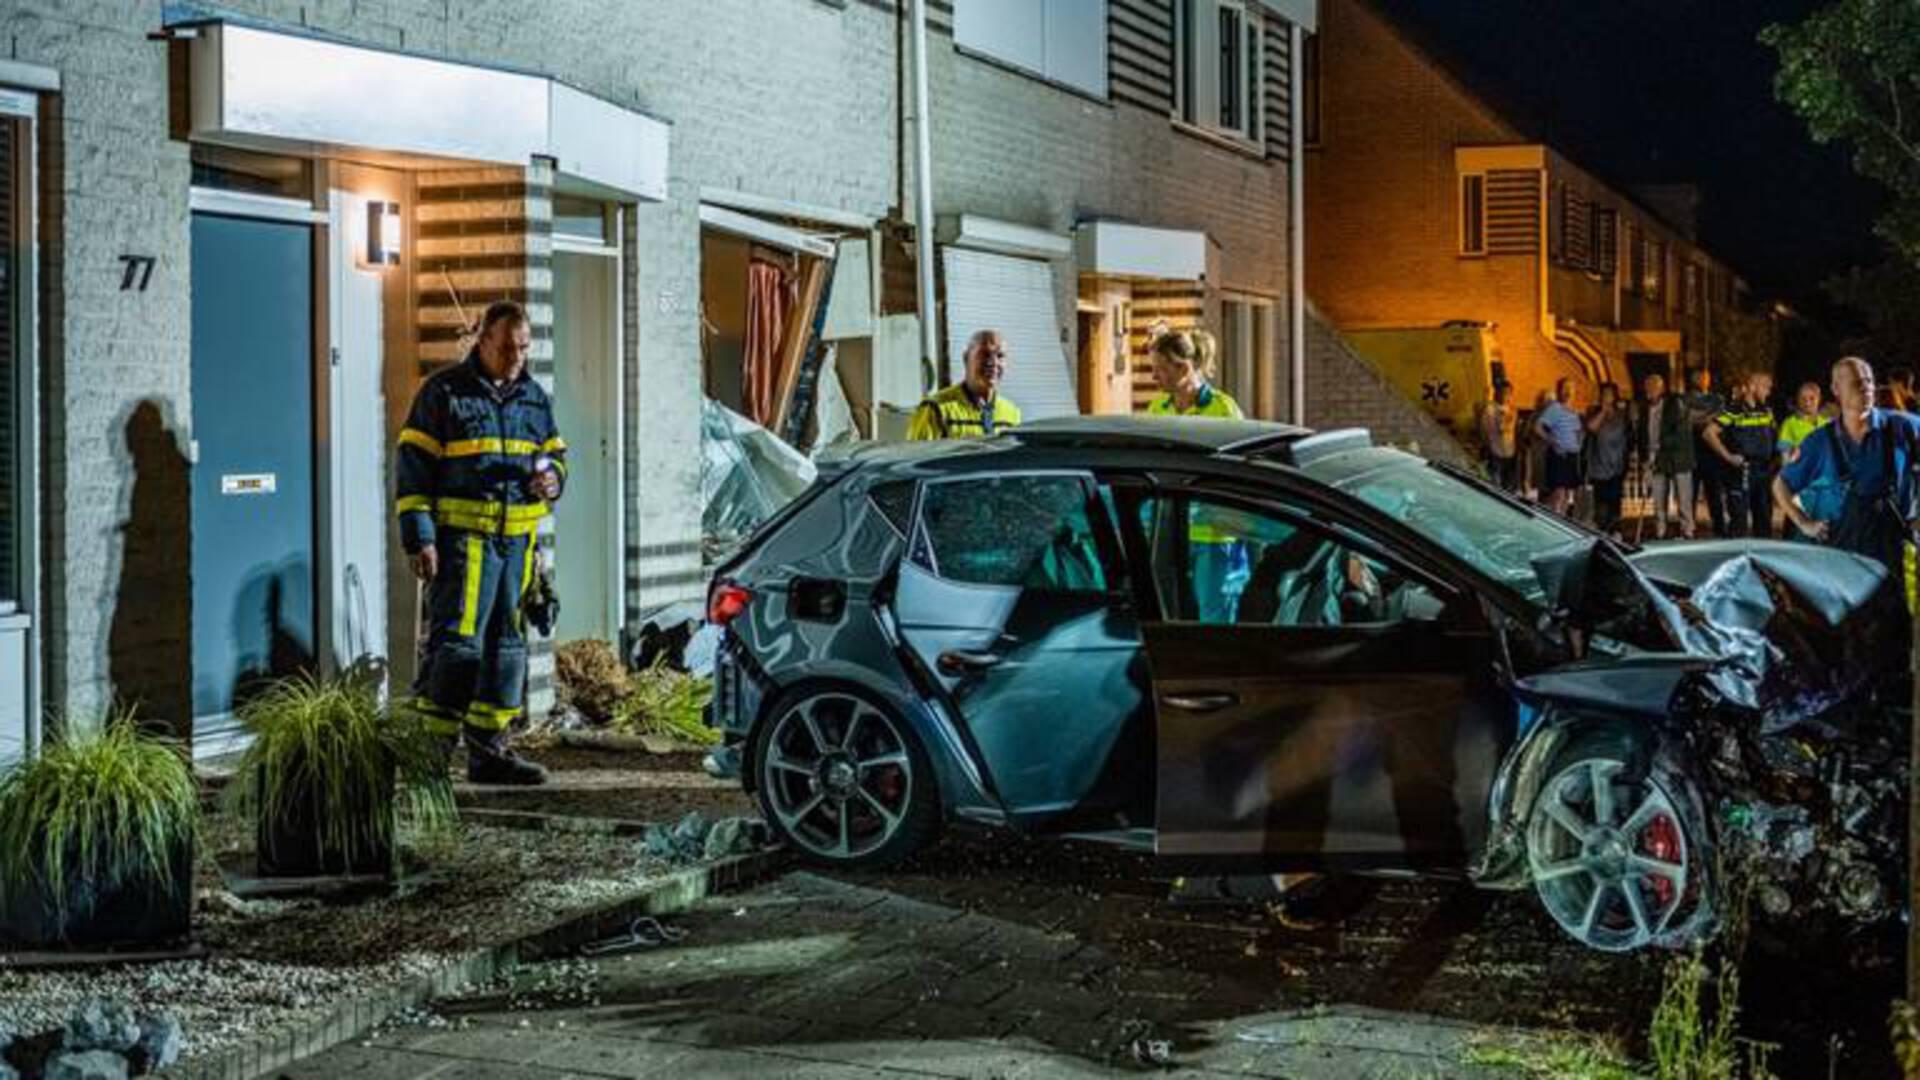 اصطدام سيارة في منزلين في Tilburg بعد مطاردة الشرطة